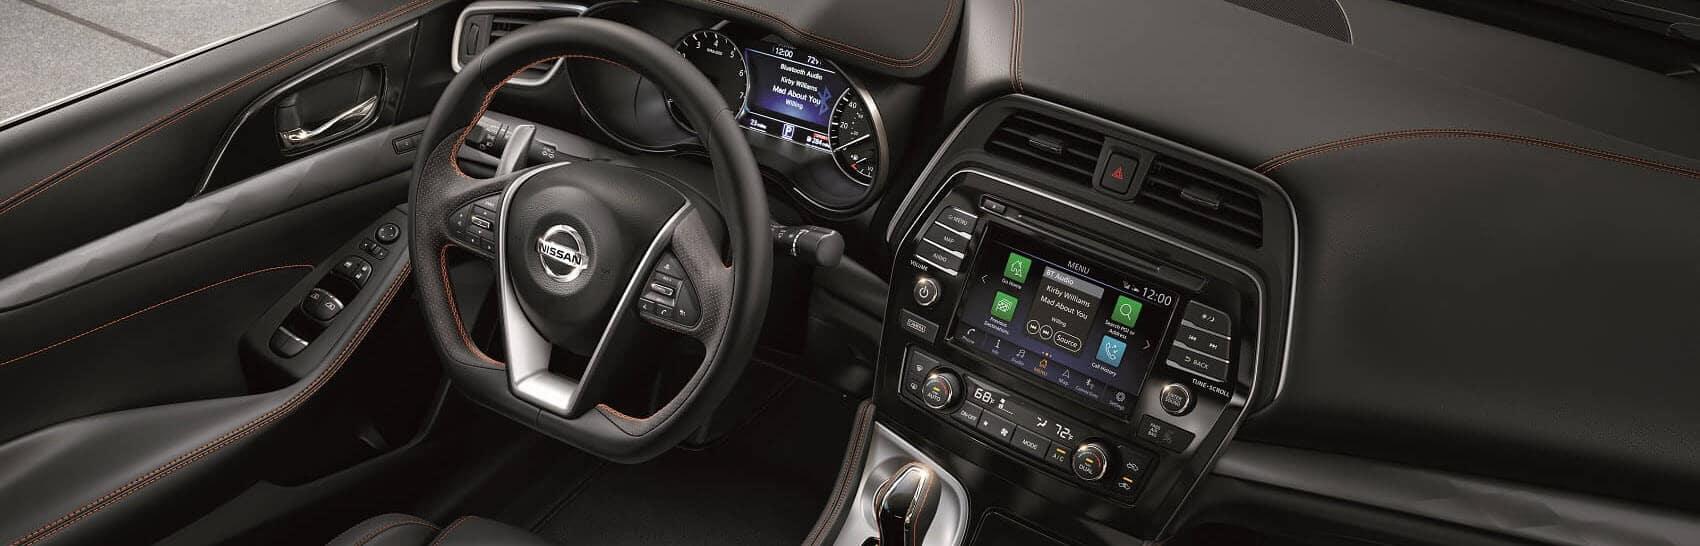 2020 Nissan Maxima Interior Touchscreen